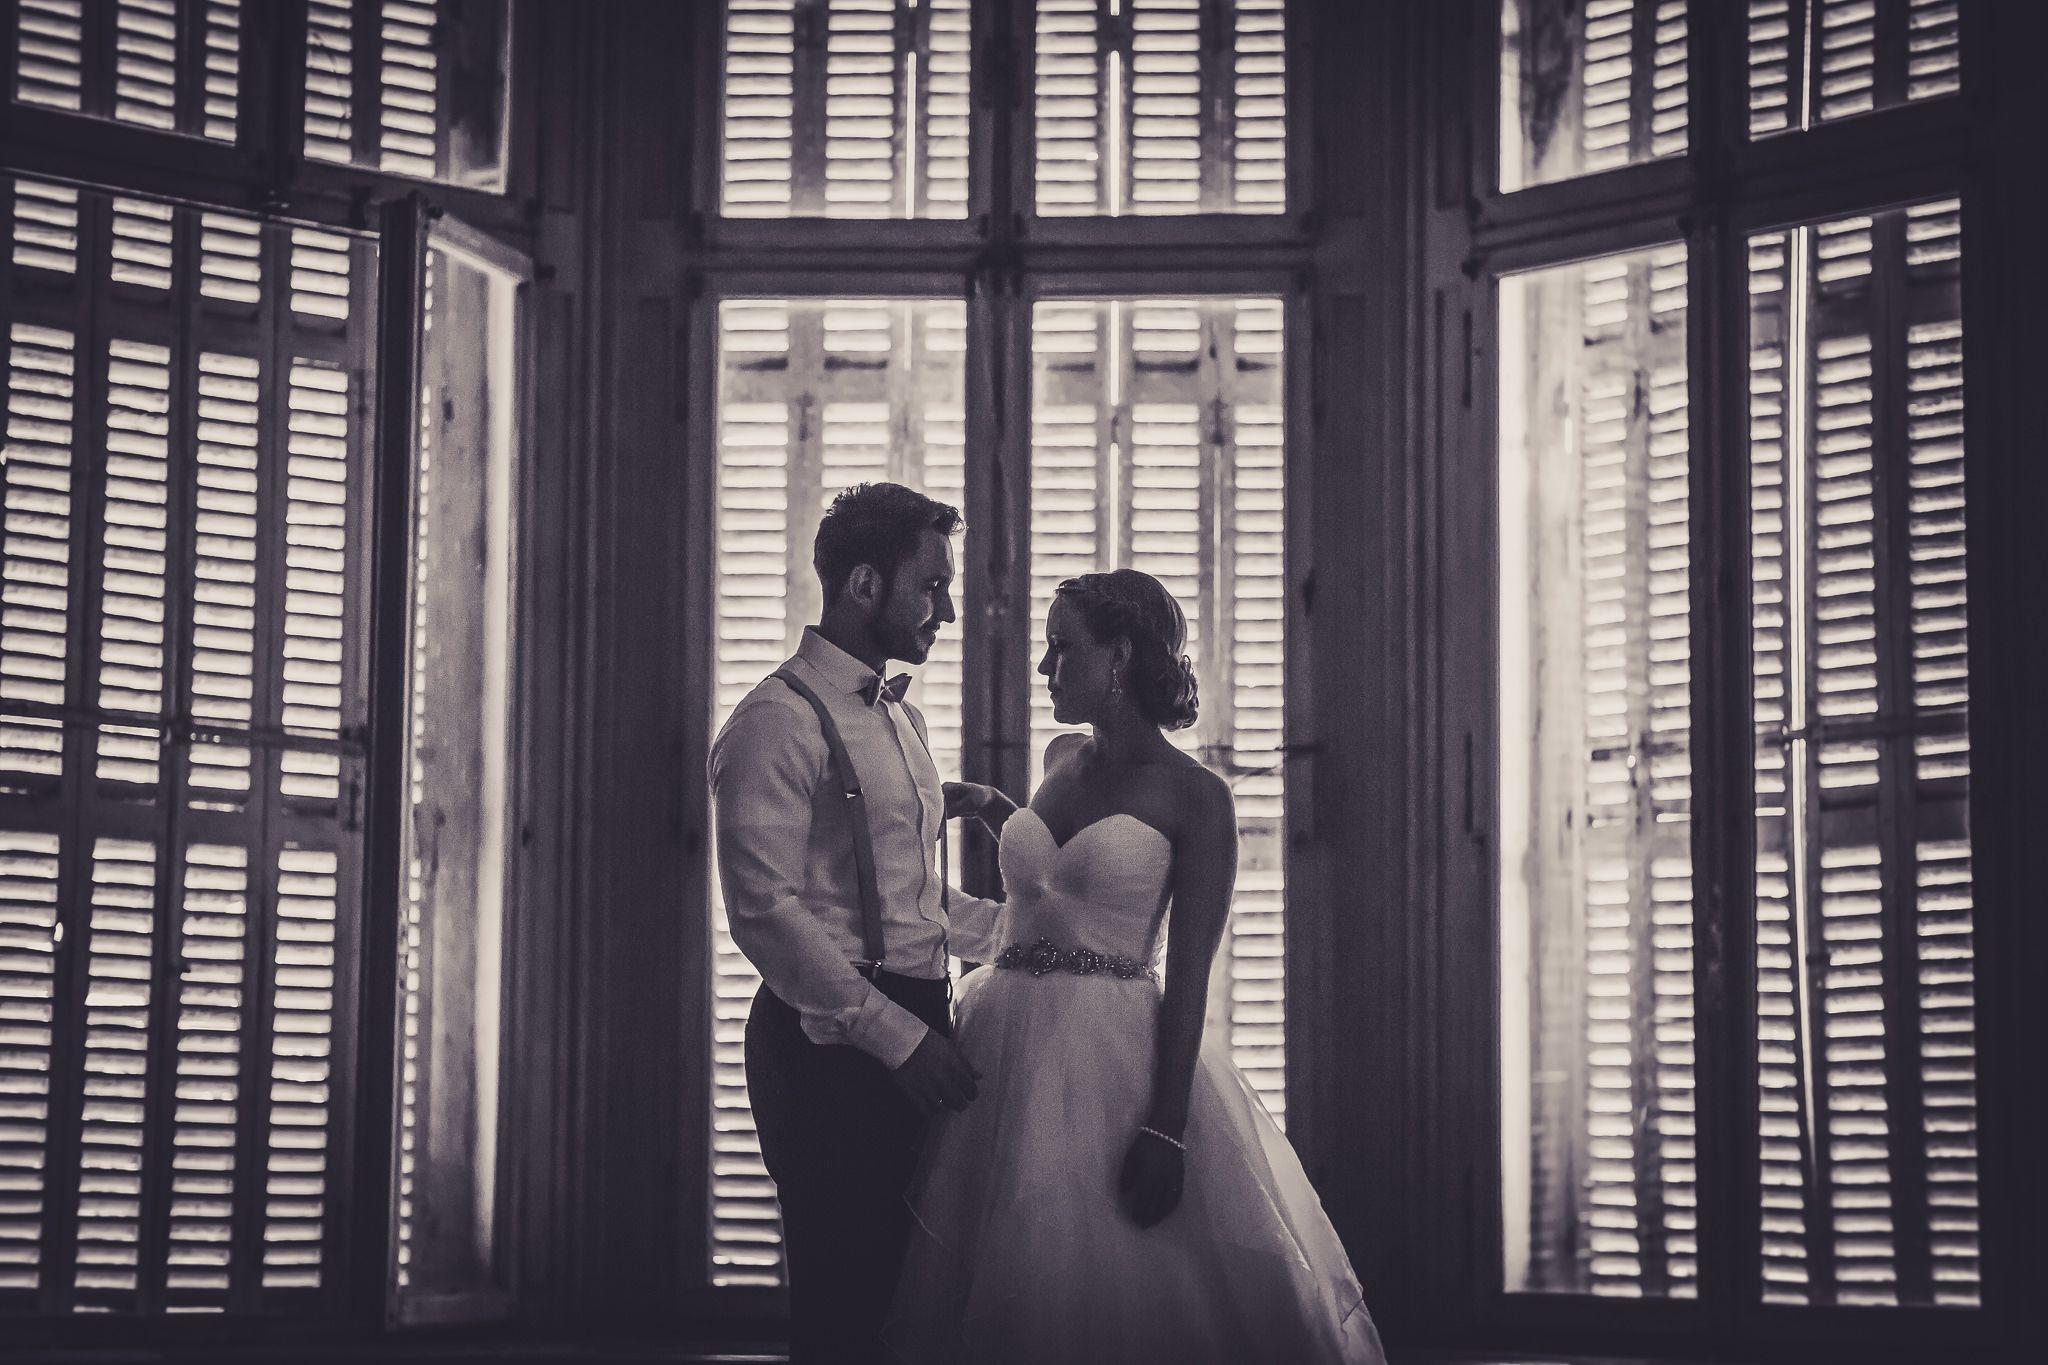 Afterweddingshooting Mit Jessica Und Konstantin Im Chateau Lumiere Hochzeitsfotograf Wolke8 Studio Hochze Hochzeitsfotograf Hochzeitsvideos Hochzeitsfilme